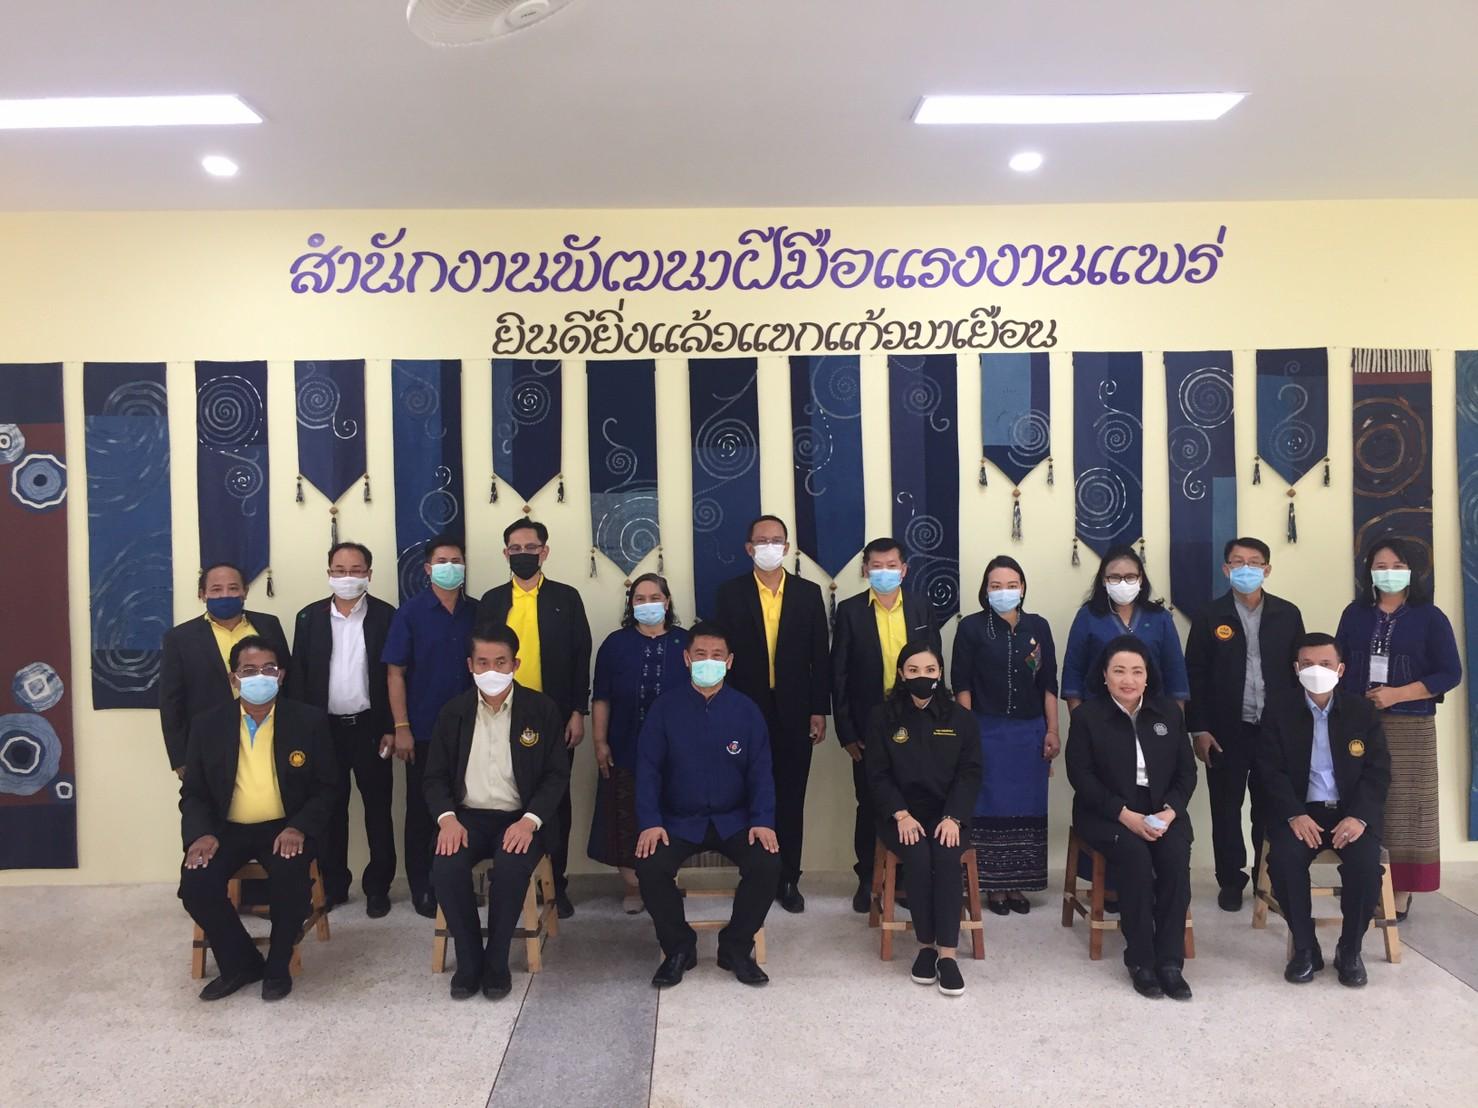 ศาสตราจารย์ นฤมล ภิญโญสินวัฒน์ (รัฐมนตรีช่วยว่าการกระทรวงแรงงาน) ลงพื้นที่จังหวัดแพร่ เพื่อตรวจติดตามการดำเนินงานขับเคลื่อนไทยไปด้วยกัน พื้นที่จังหวัดแพร่